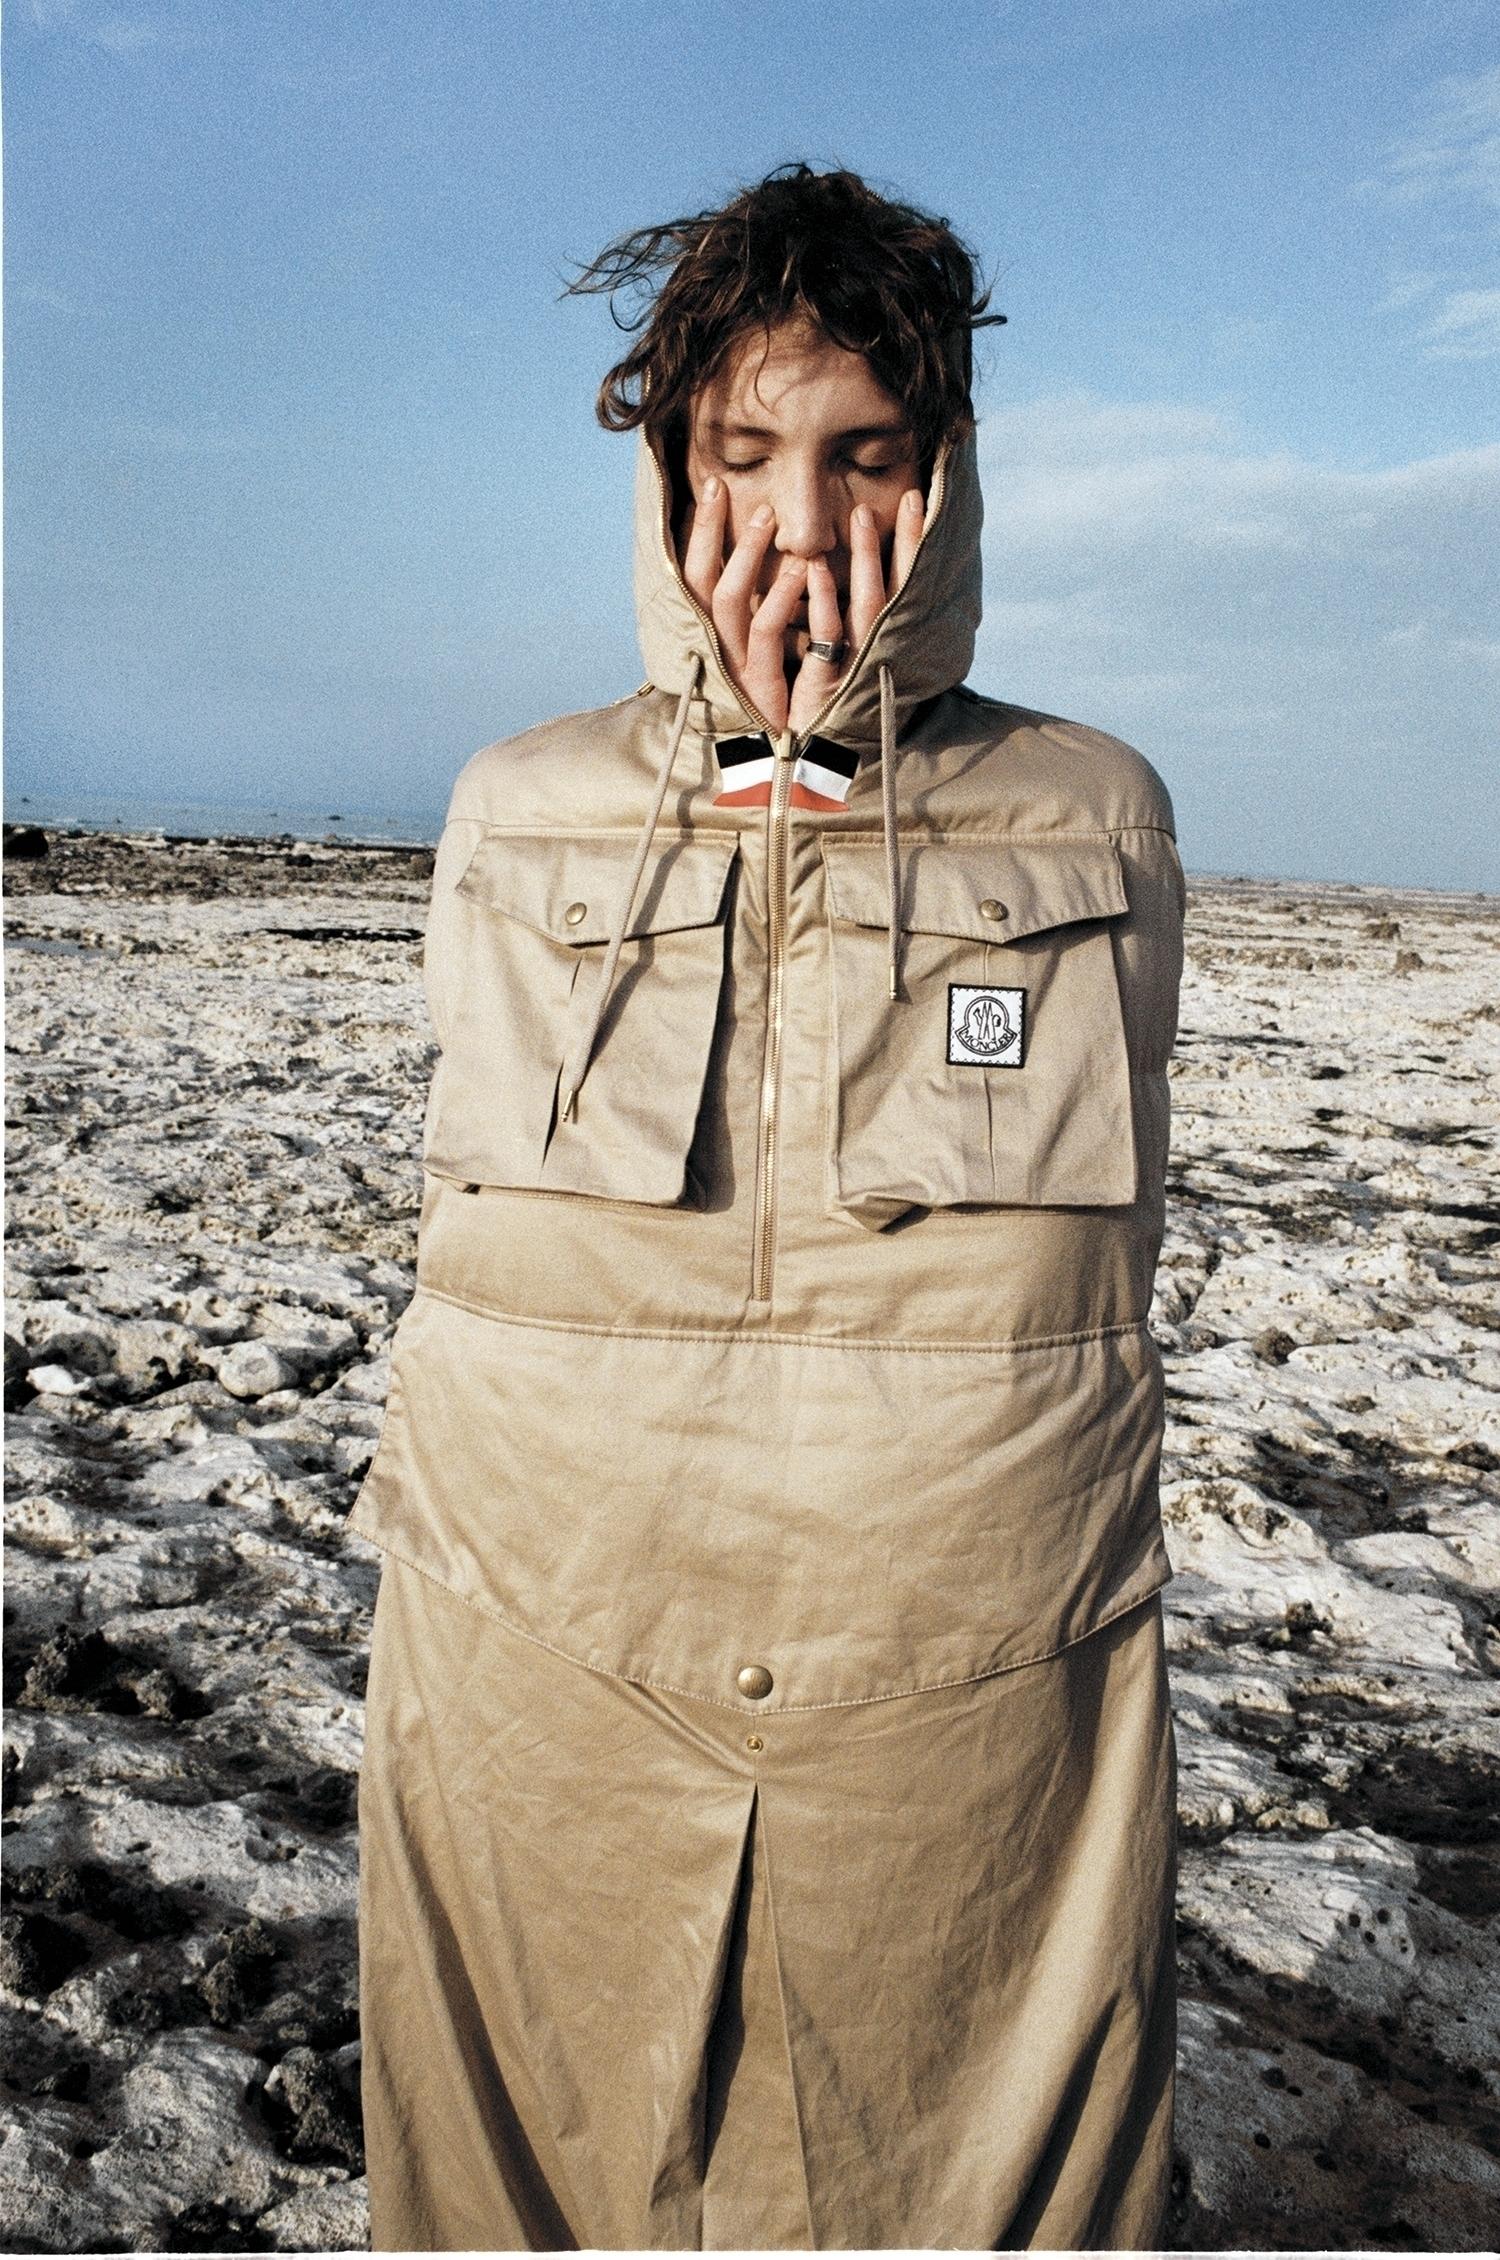 Sleeping bag coat by Moncler Gamme Bleu.